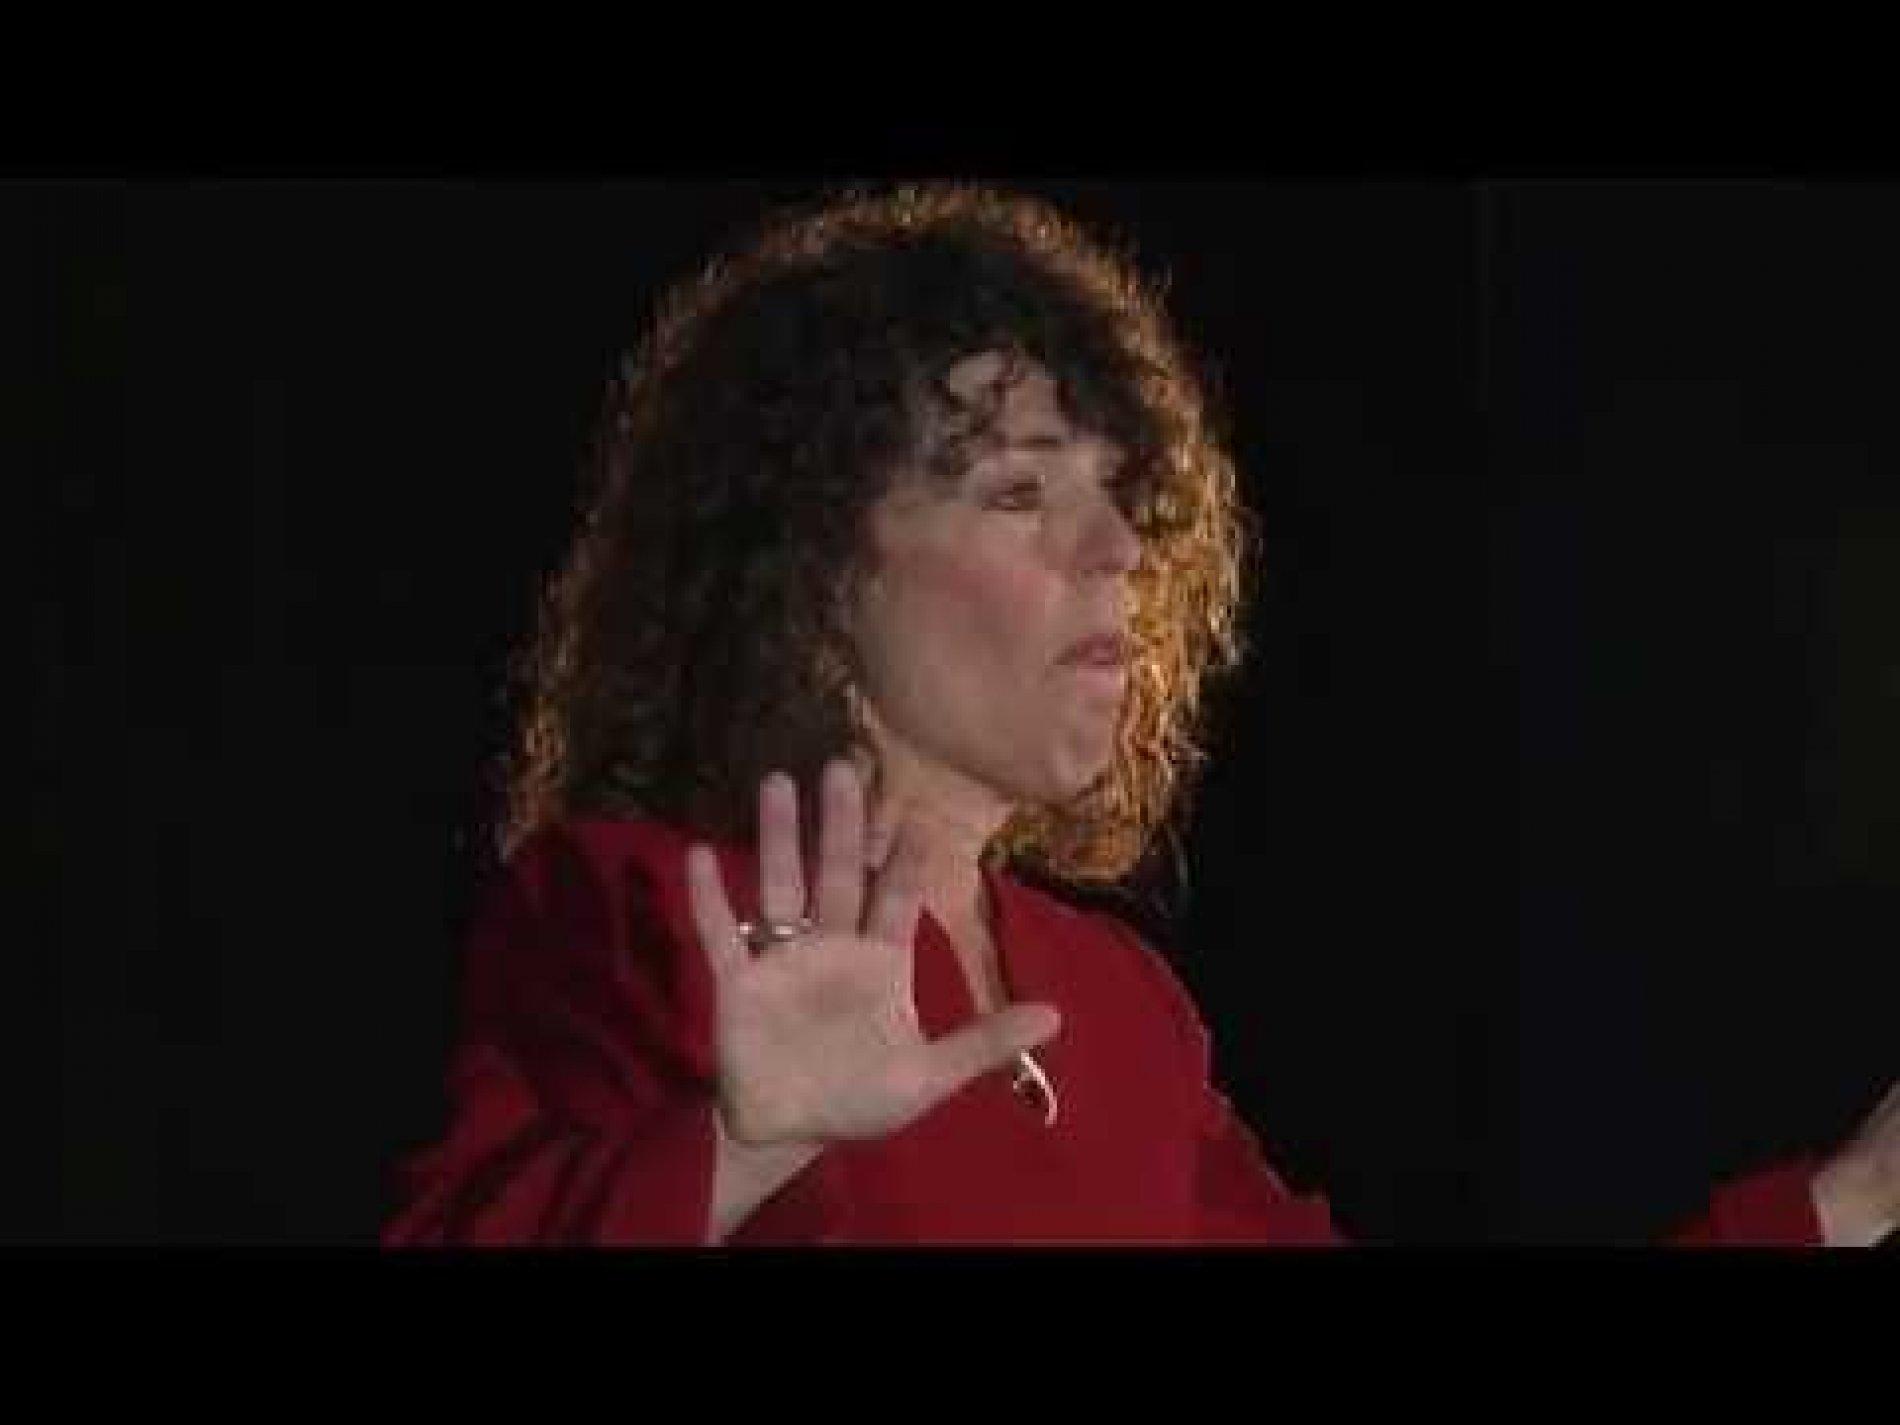 Het van seks verstoken huwelijk   Michele Weiner-Davis   TEDxCU